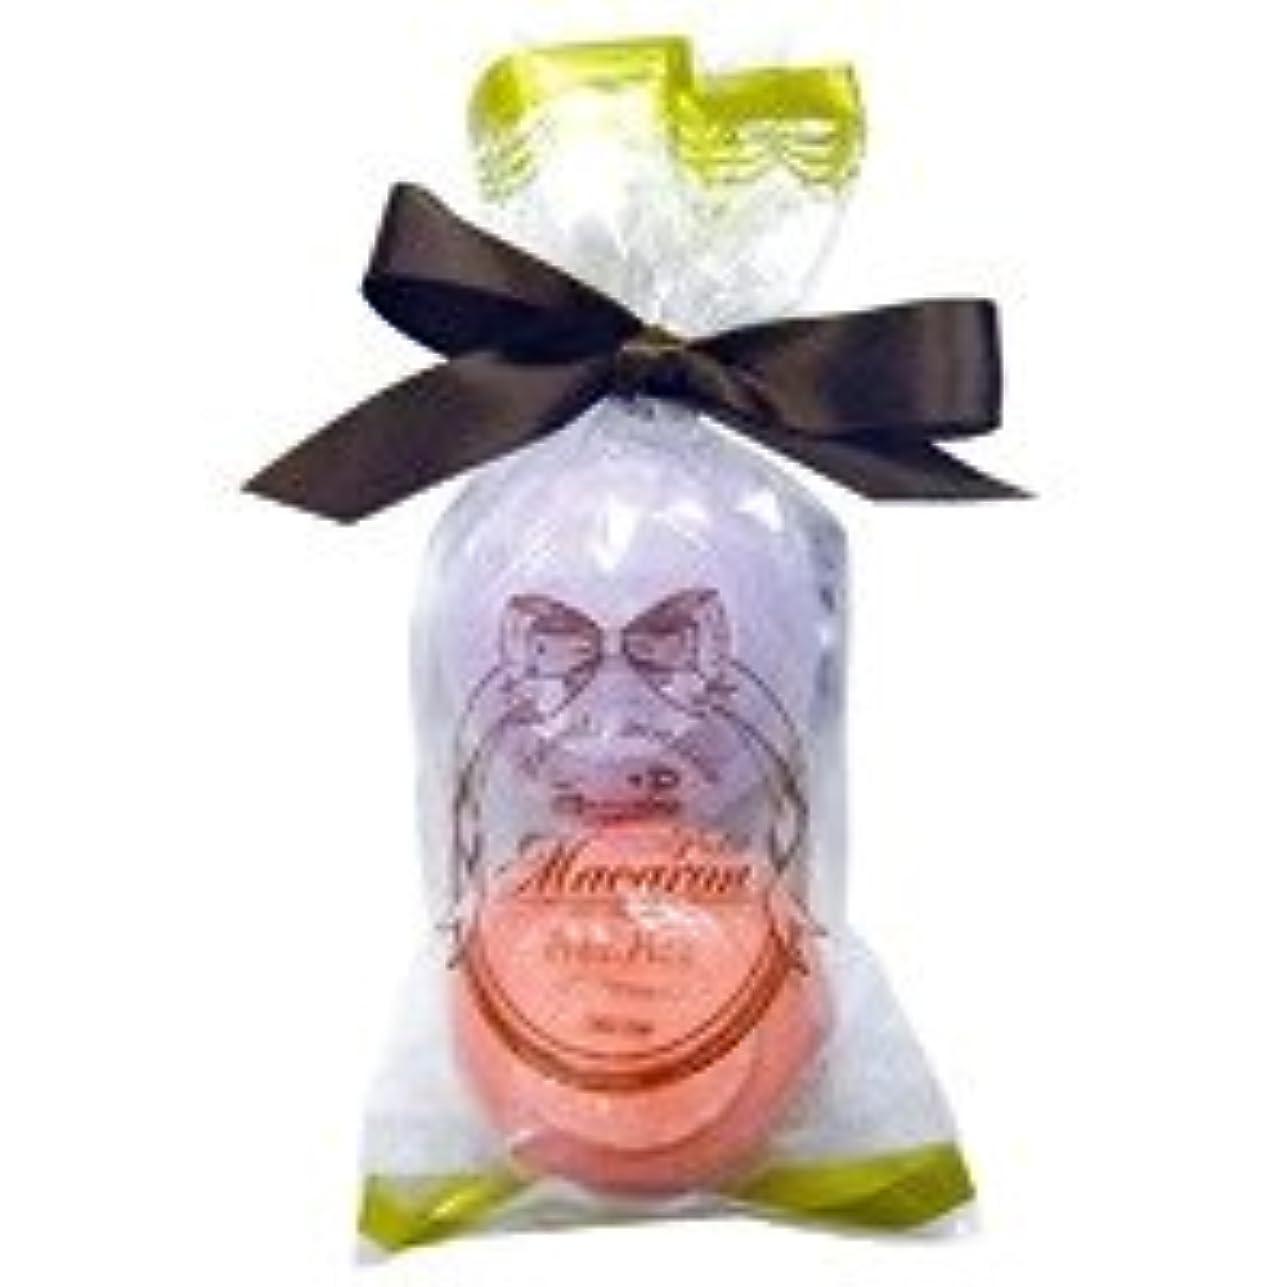 アルコール抽象と組むスウィーツメゾン プチマカロンミニセット「パープル&ダークピンク」6個セット フルーティーなザクロの香り&華やかなローズの香り